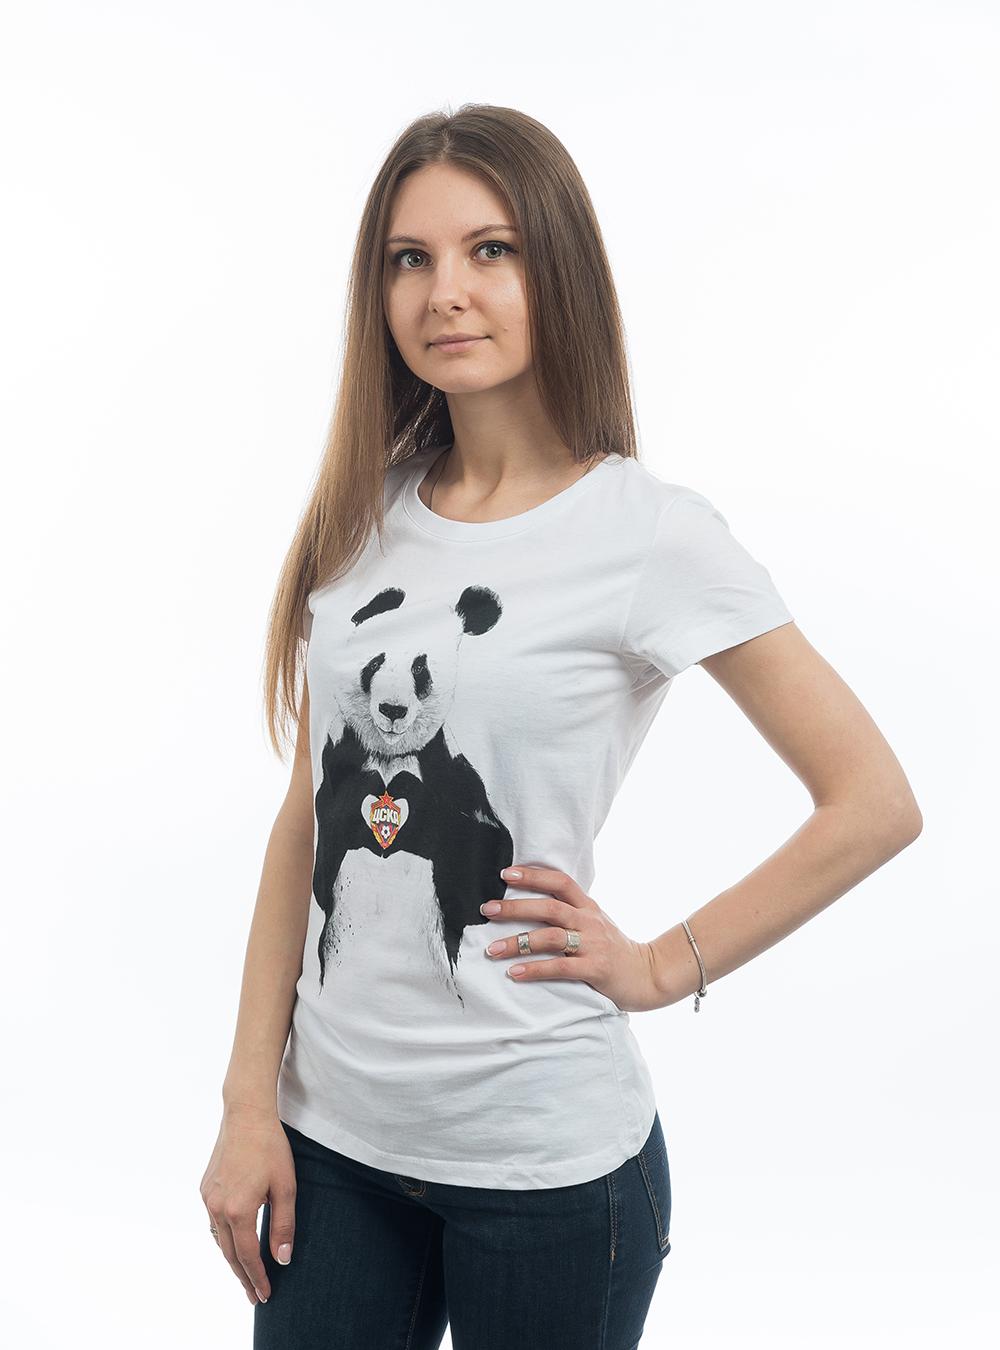 Футболка женская Панда (XS)Футболки женские<br>Футболка женская Панда<br>